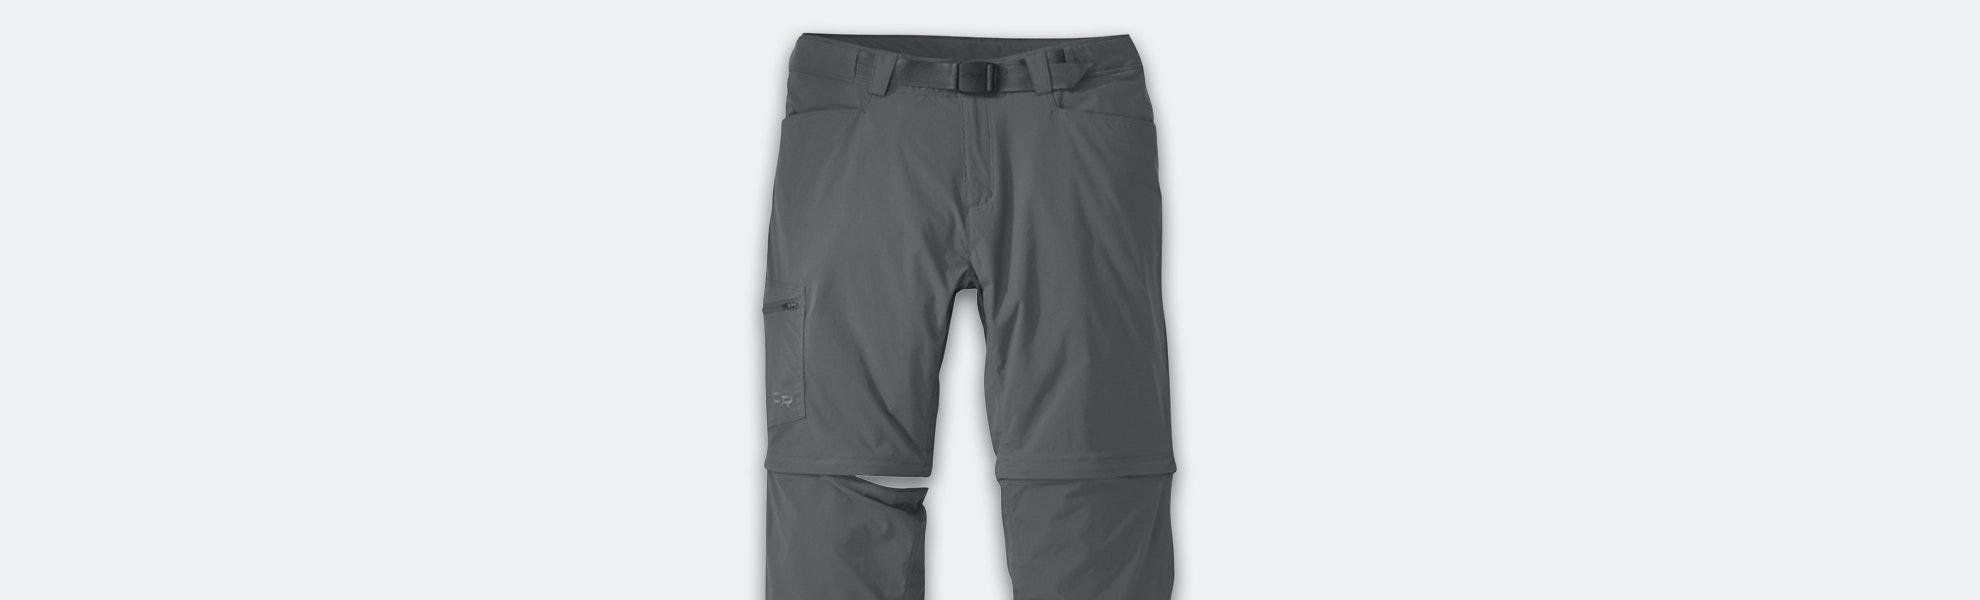 Outdoor Research Men's Equinox Convert Pants